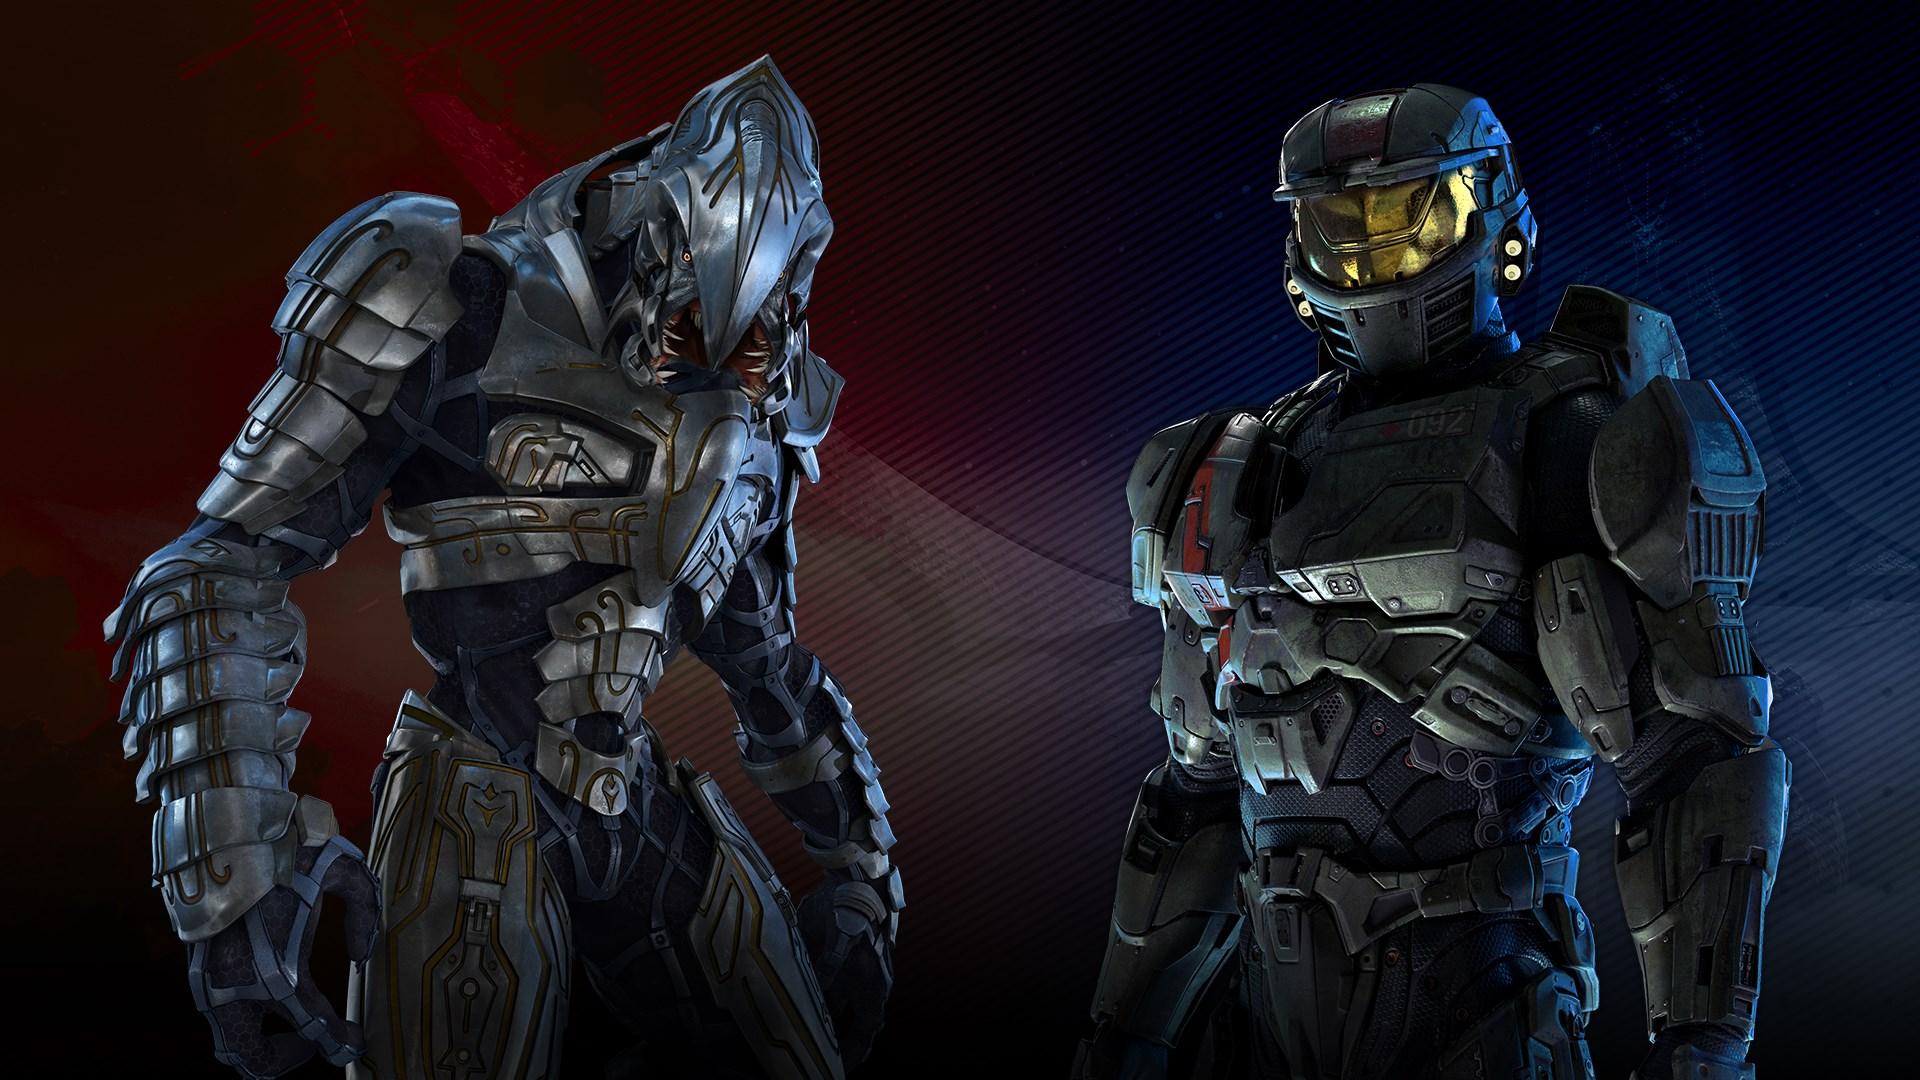 Halo Wars 2: Íconos de guerra